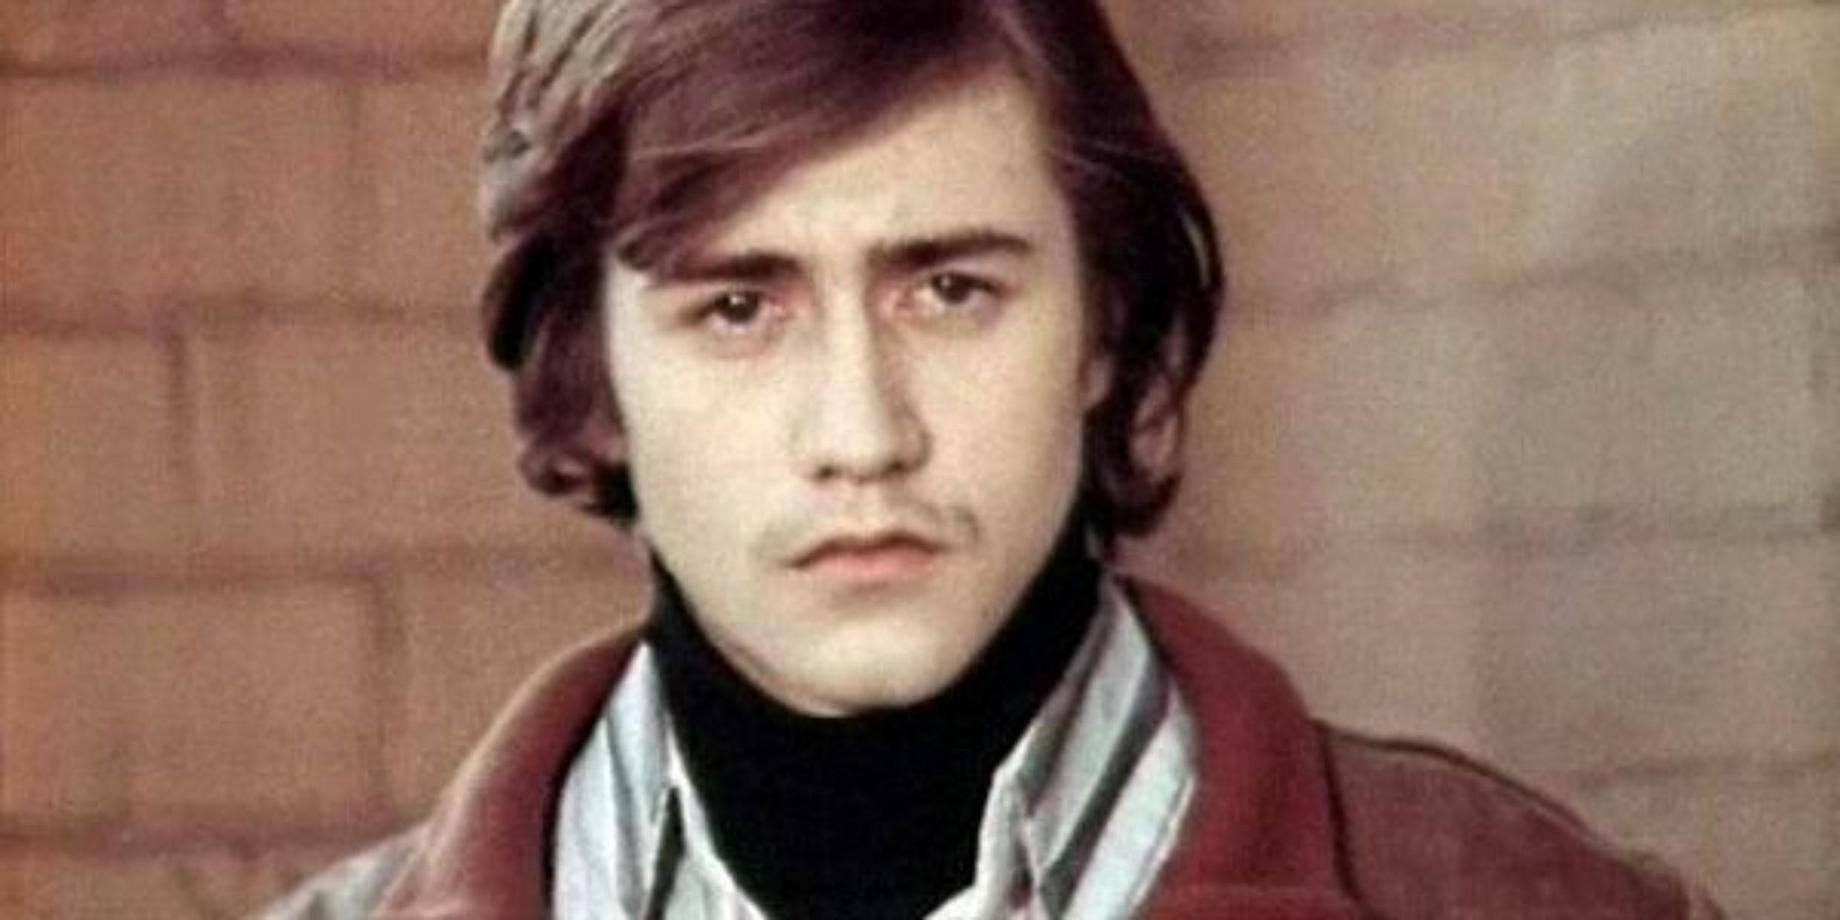 «Дни хирурга Мишкина», драма (1976 г., реж. Вадим Робин)